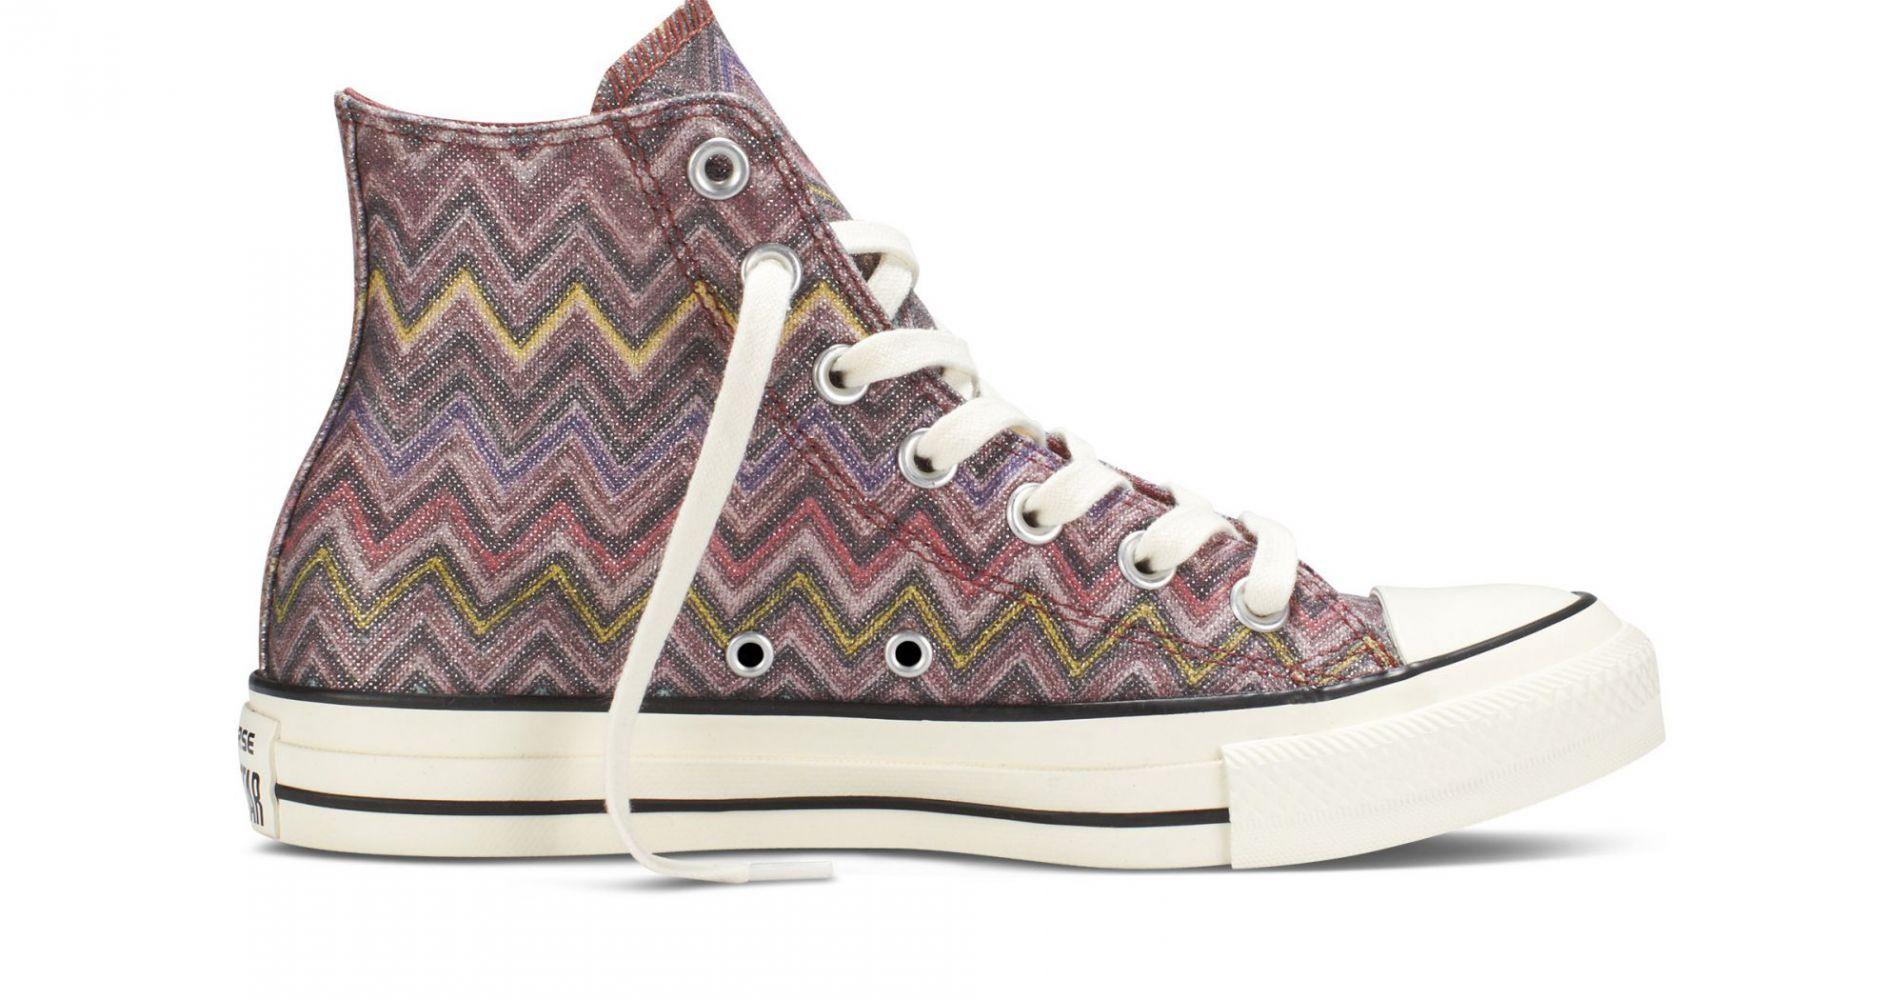 La nouvelle collab pour les accros de sneakers